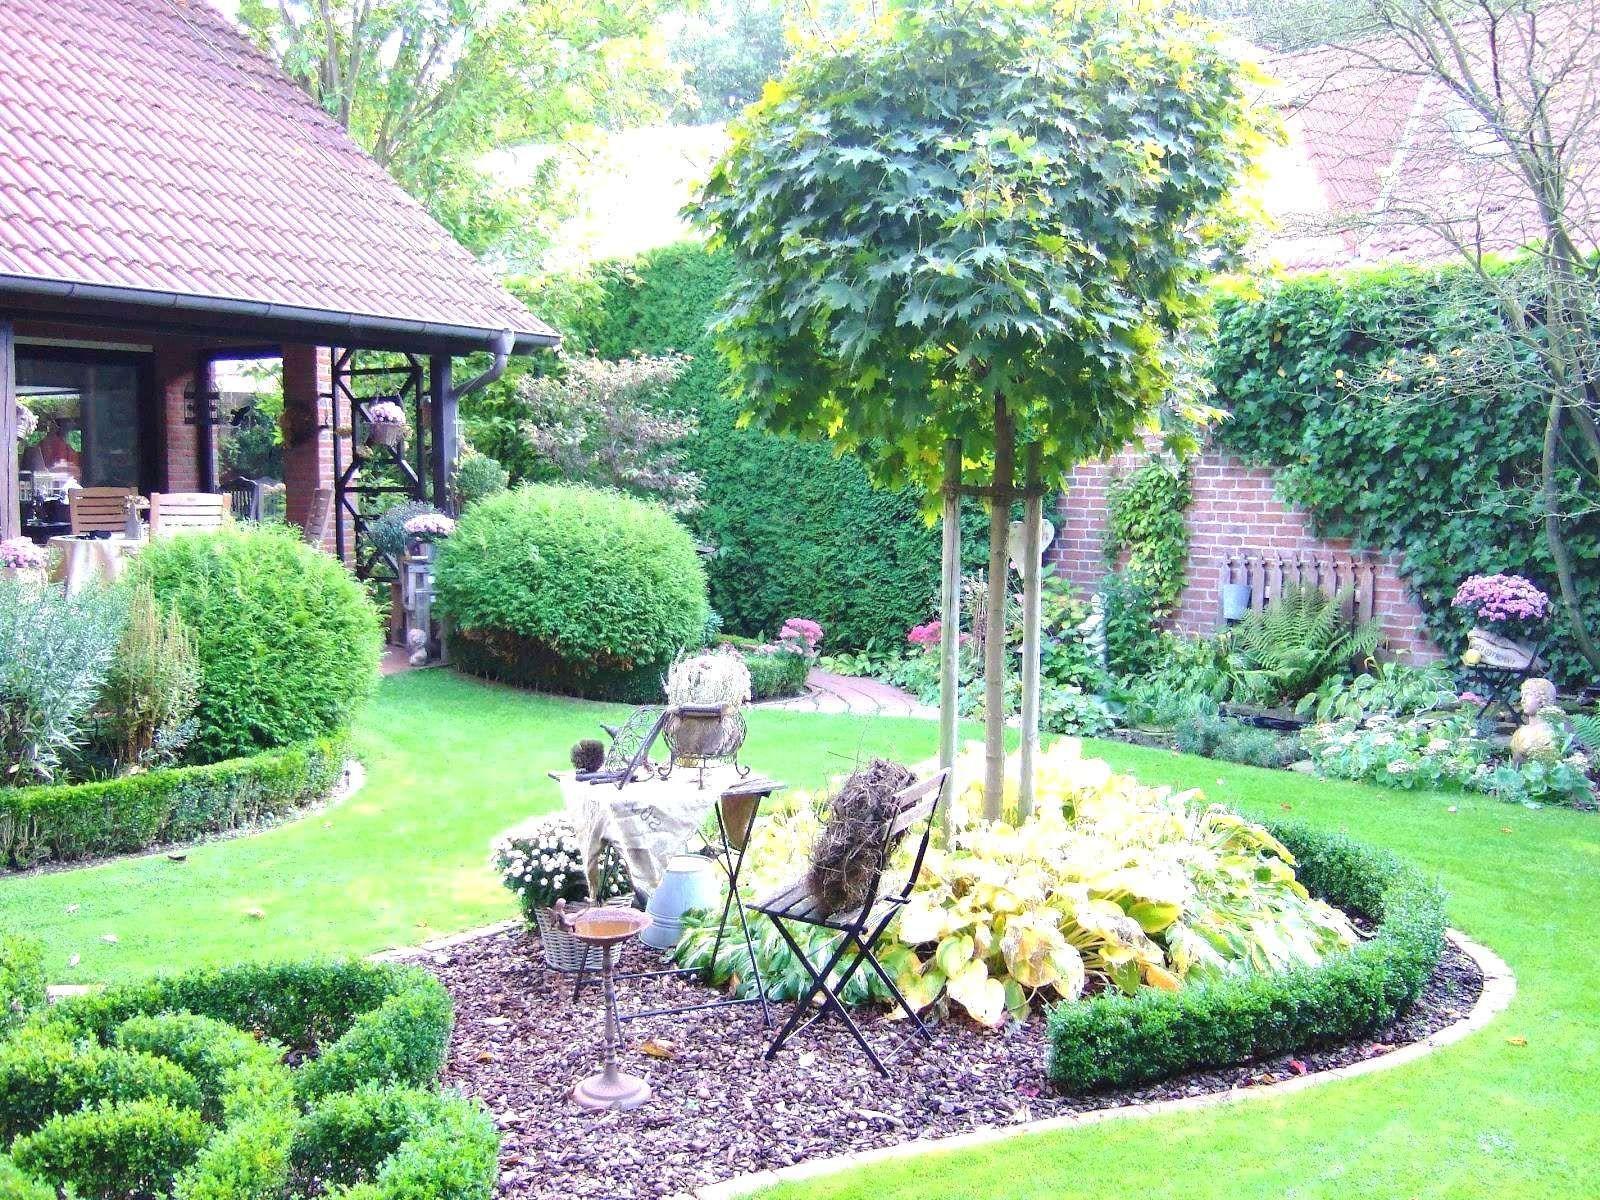 Garten Neu Gestalten Ideen Frisch Garten Ideas Garten Anlegen Inspirational Aussenleuchten